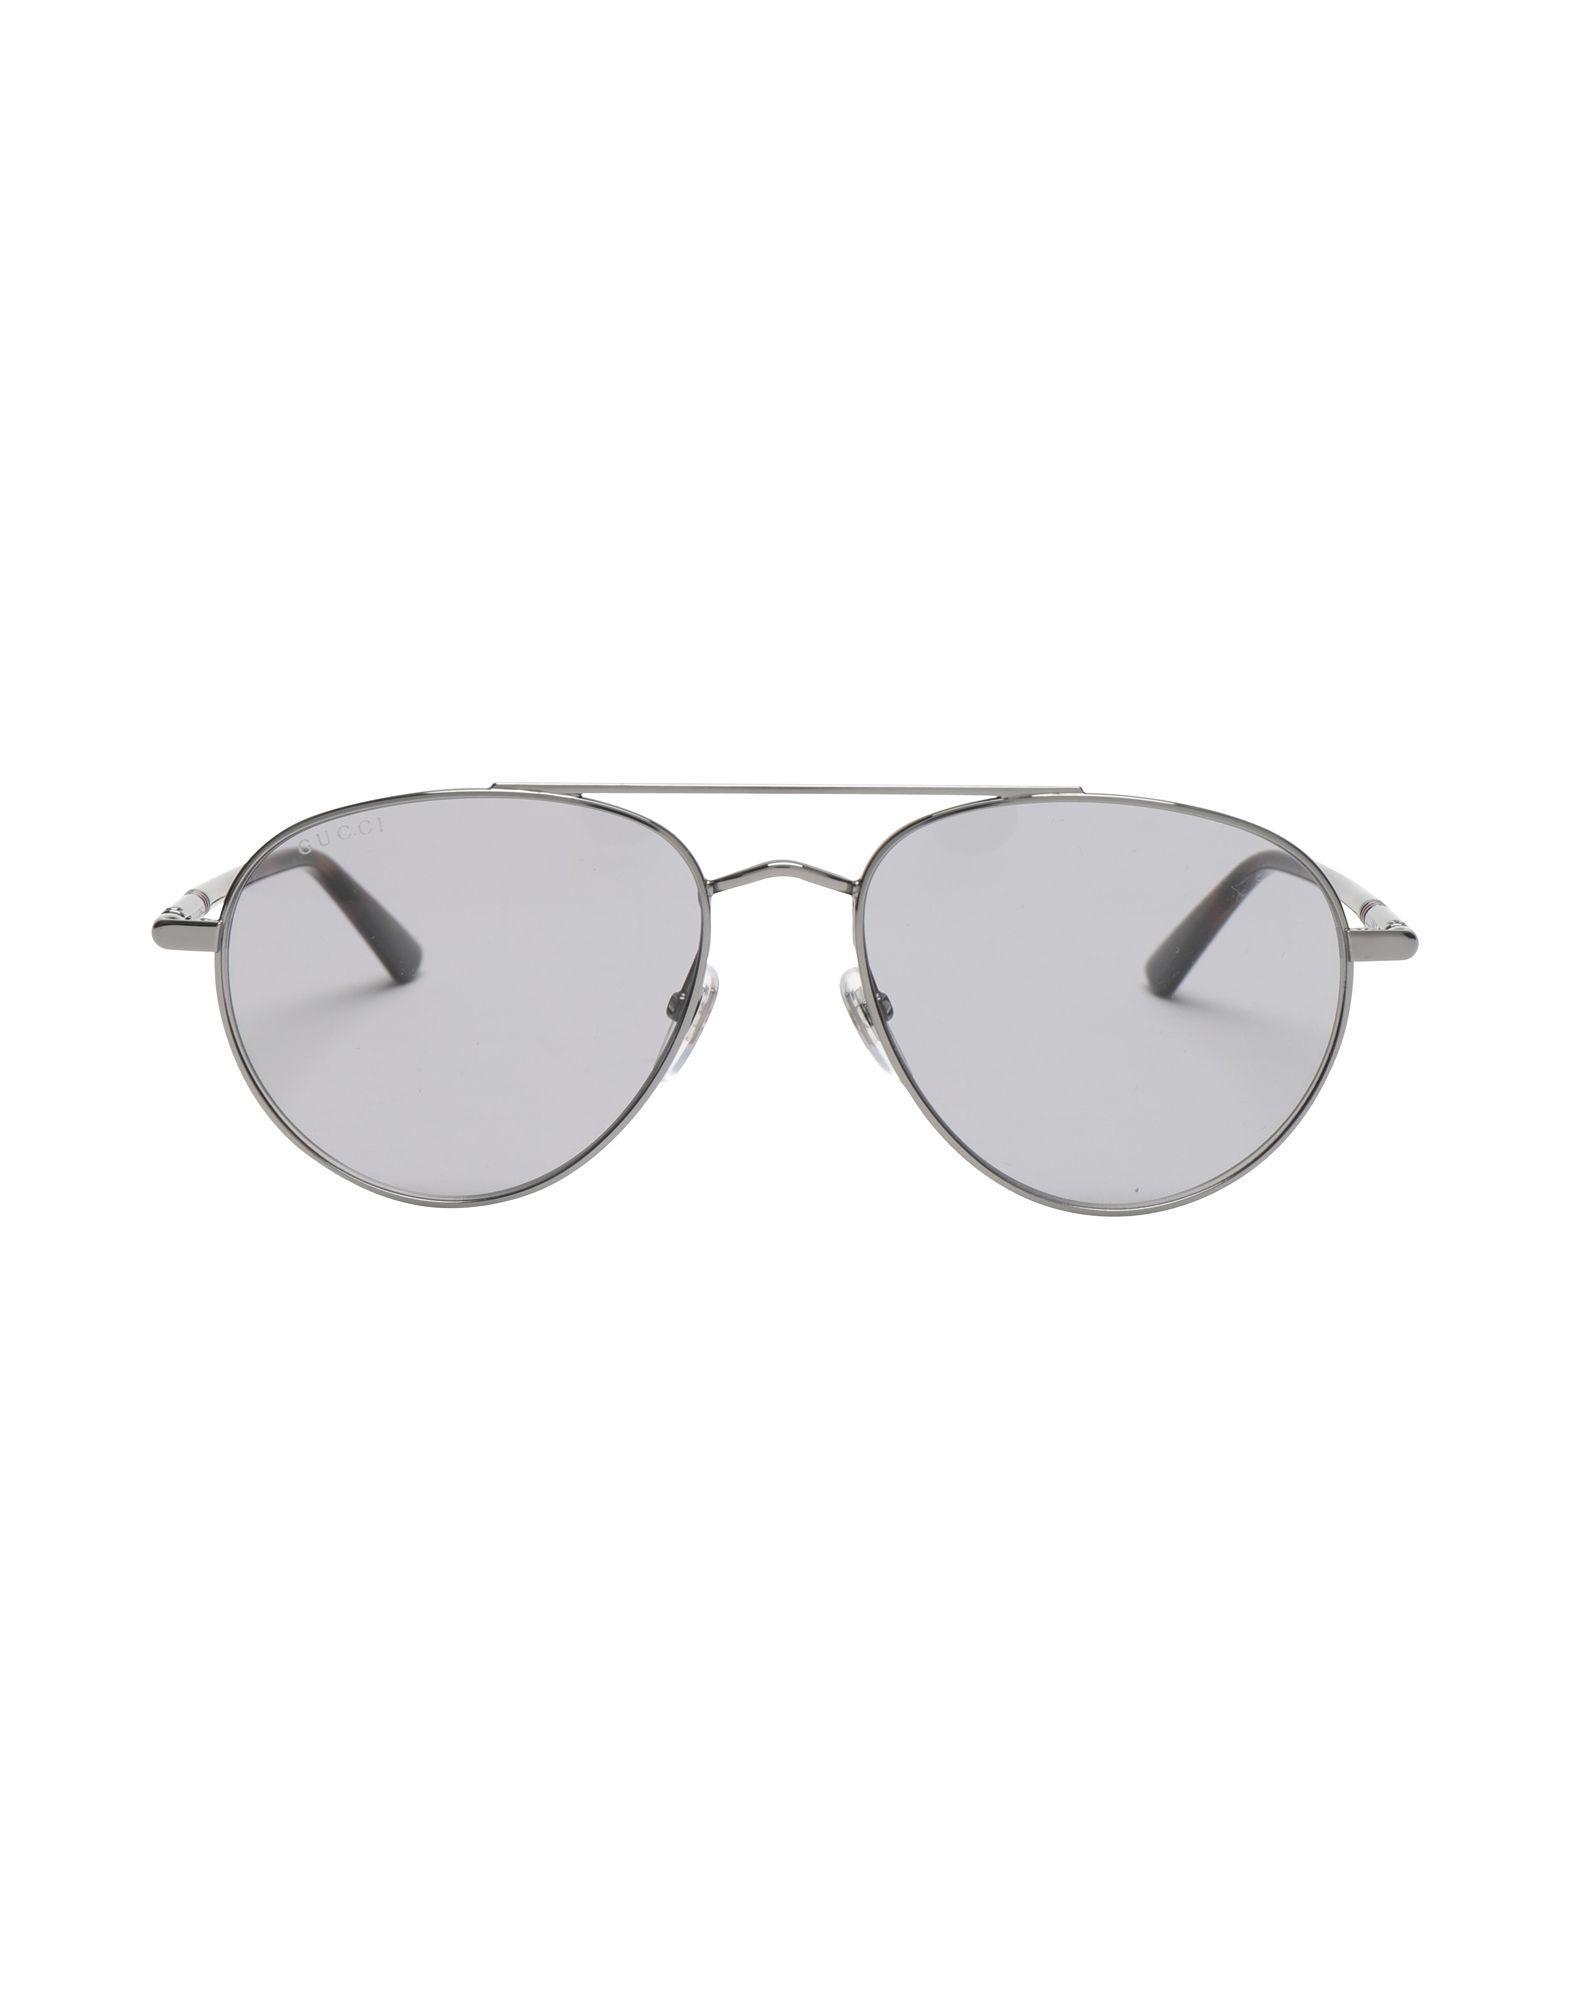 c4e3cc3f29 Gucci Sunglasses in Gray for Men - Lyst